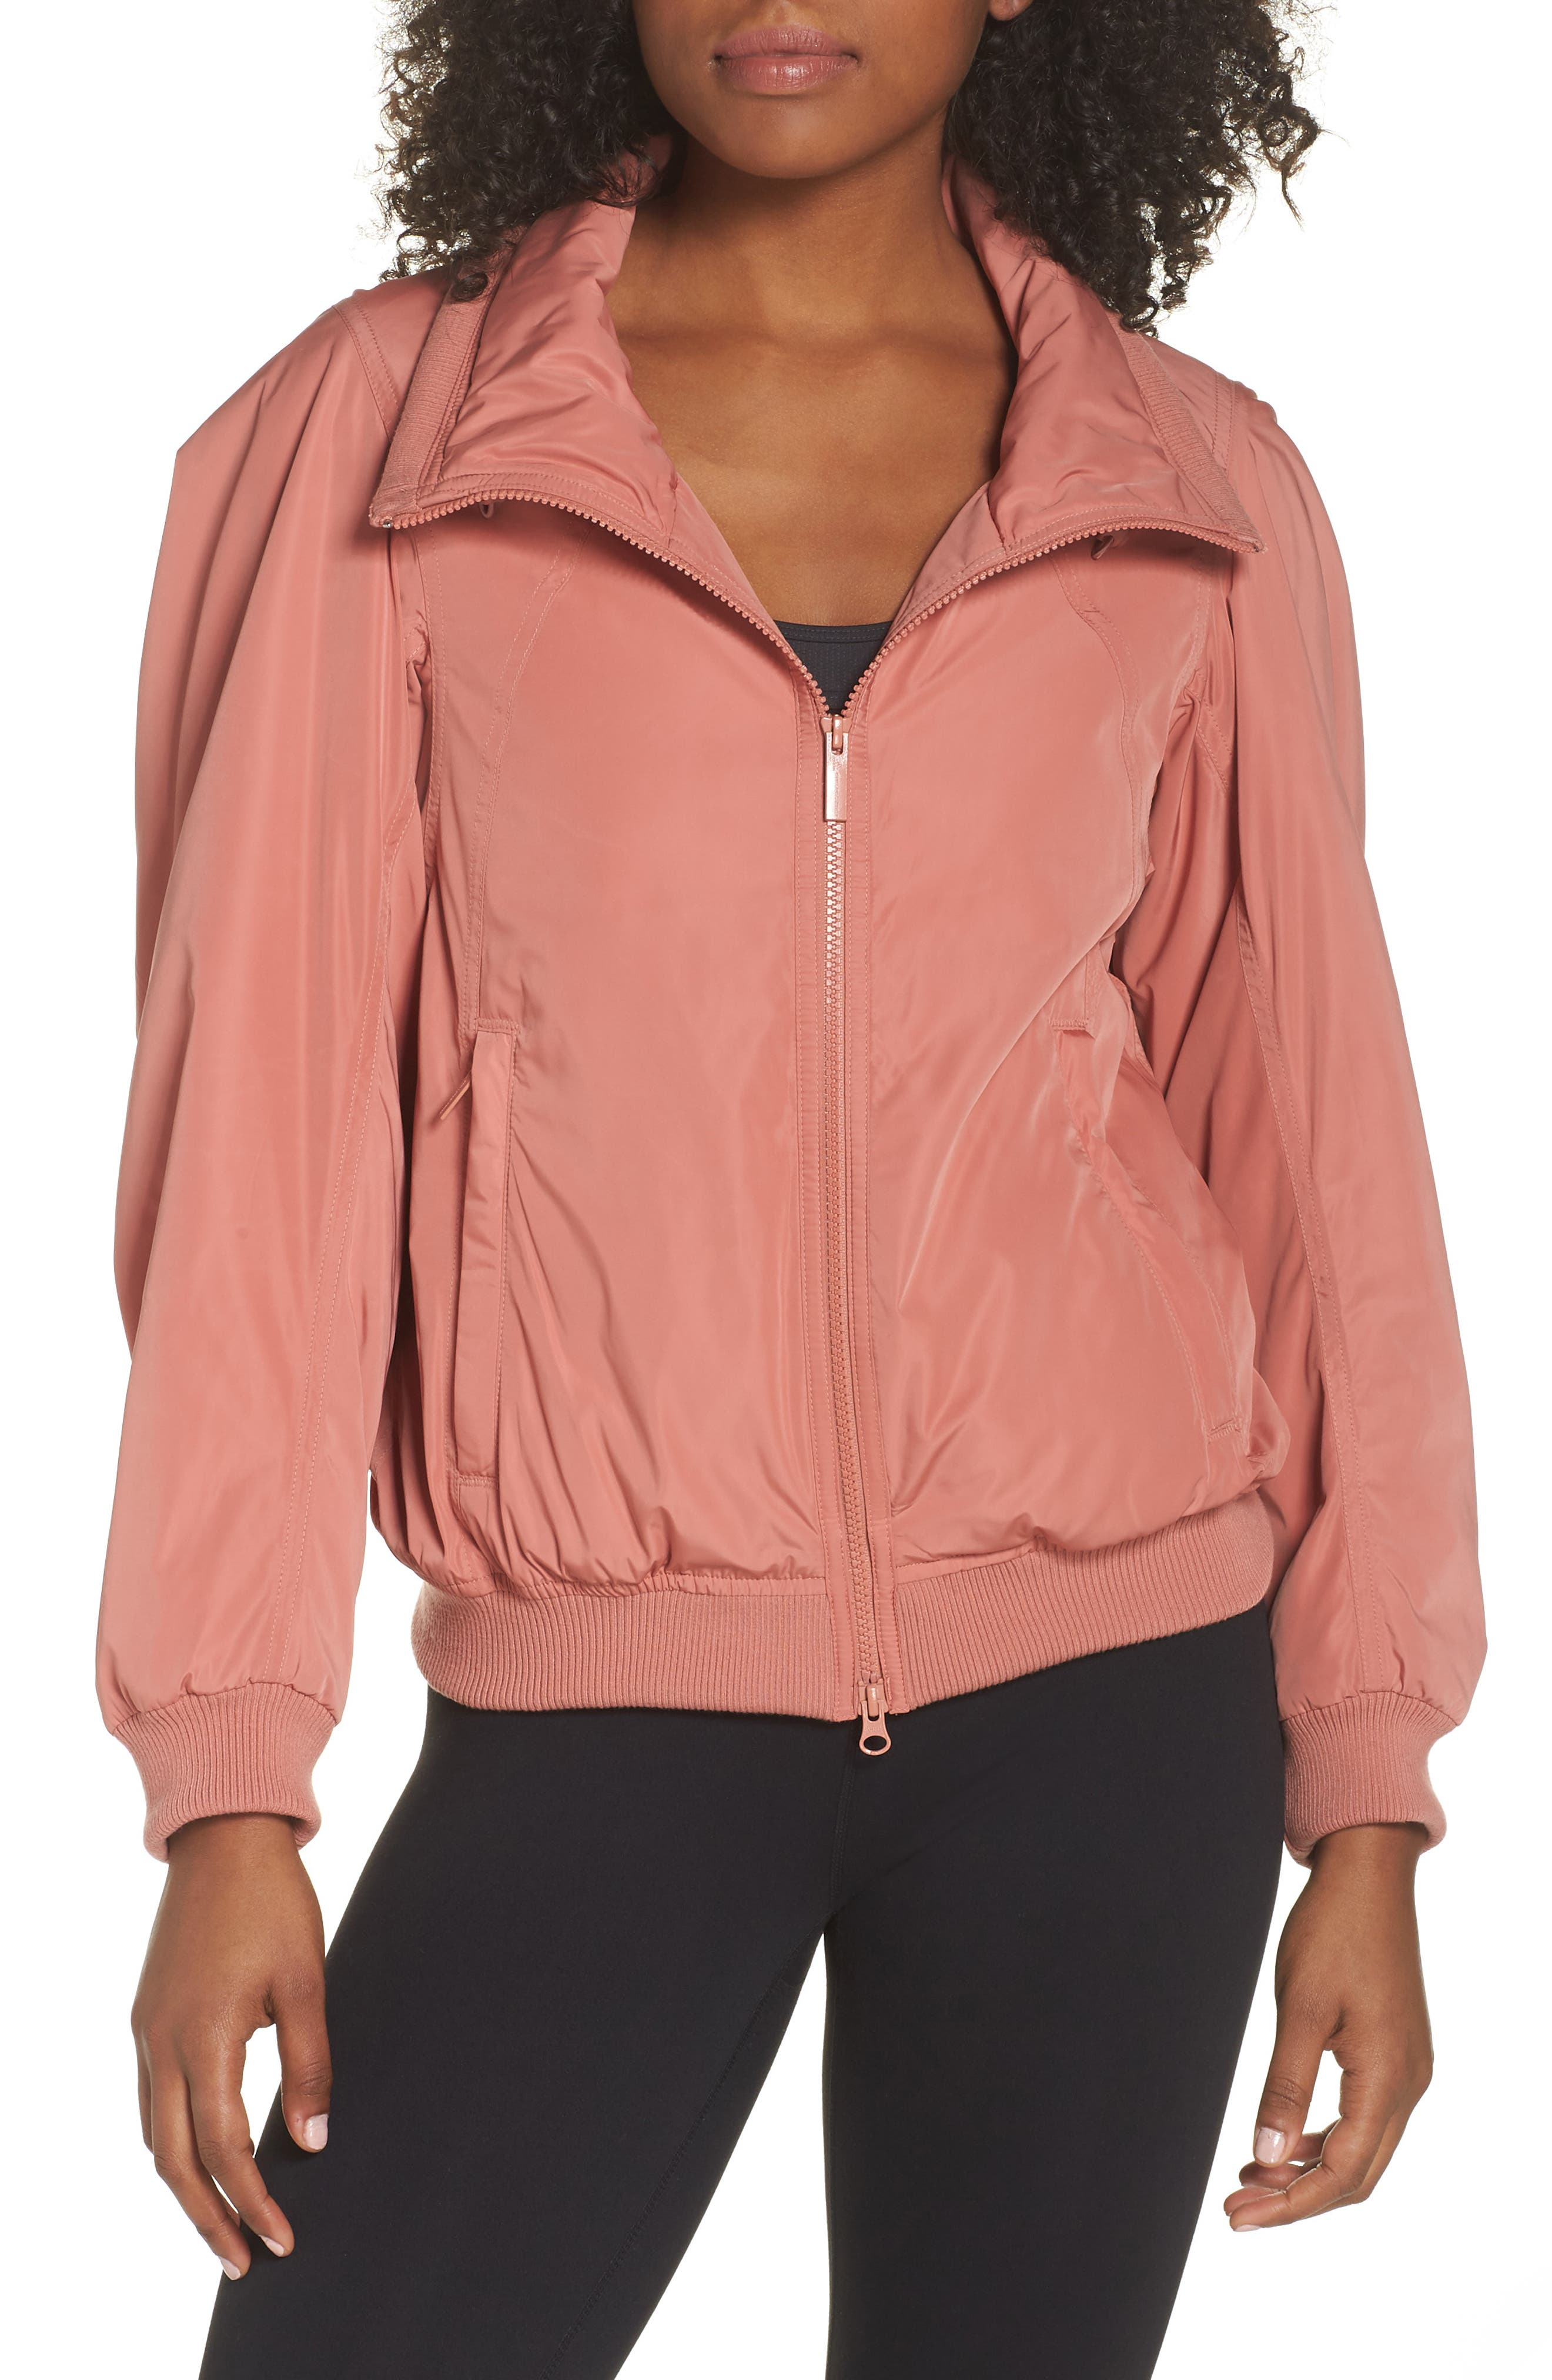 Adidas By Stella Mccartney Gathered Jacket, Pink